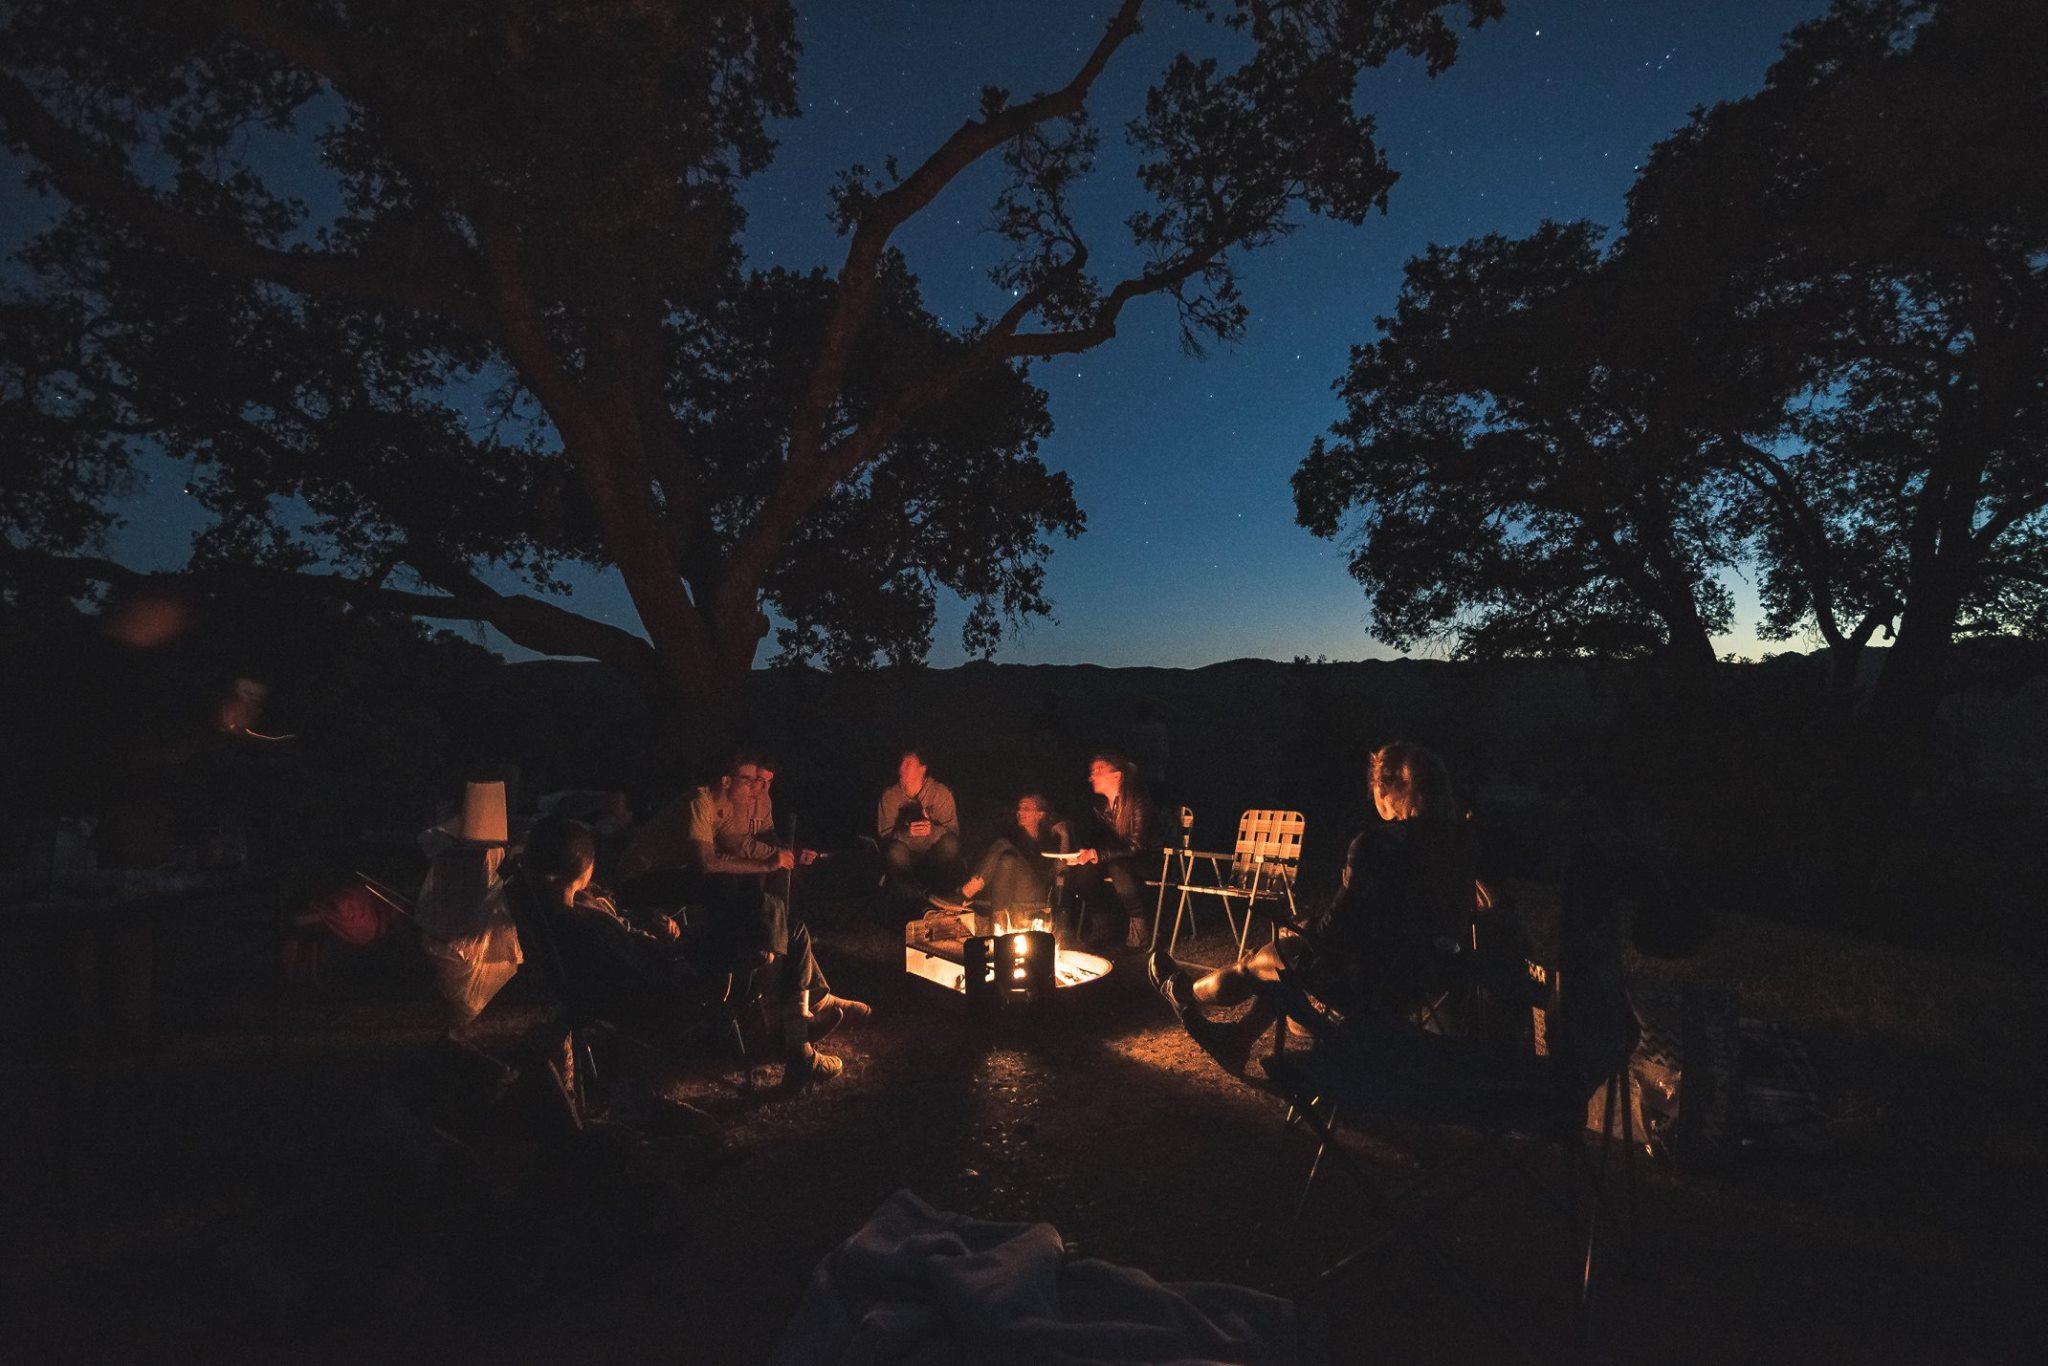 Santa Margarita, California Campground | Santa Margarita KOA